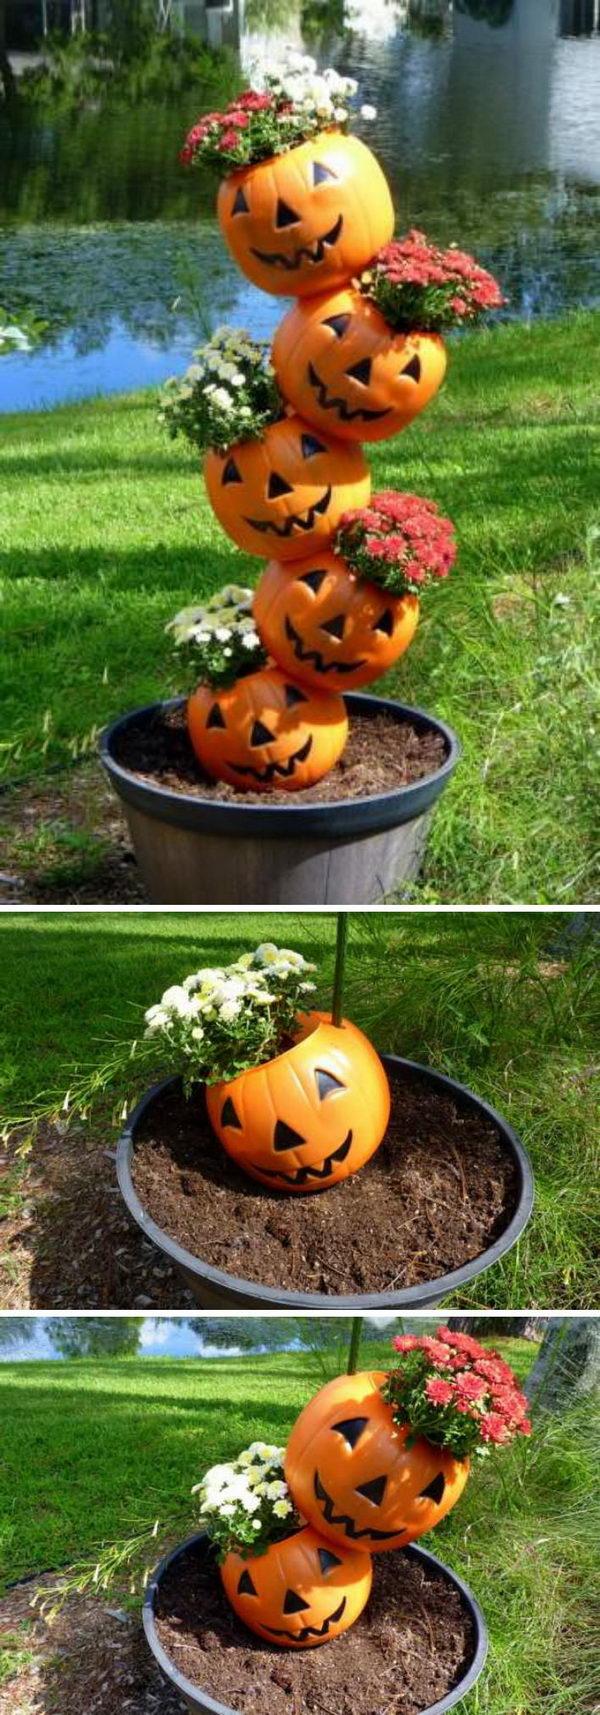 DIY Tipsy Pumpkins.